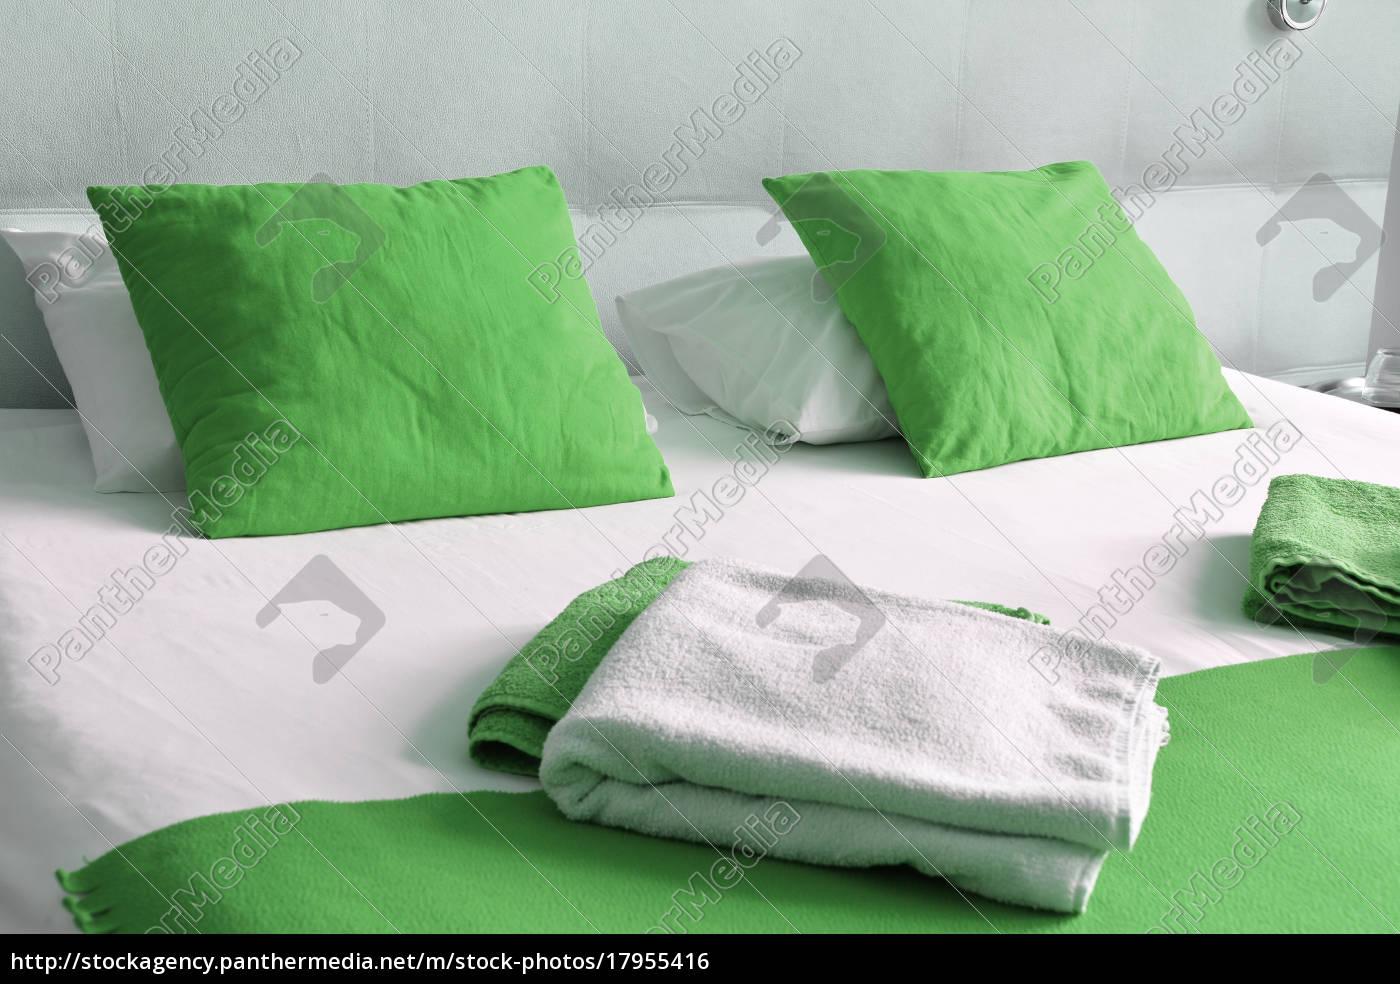 doppelbett, im, hotelzimmer., unterkunft - 17955416